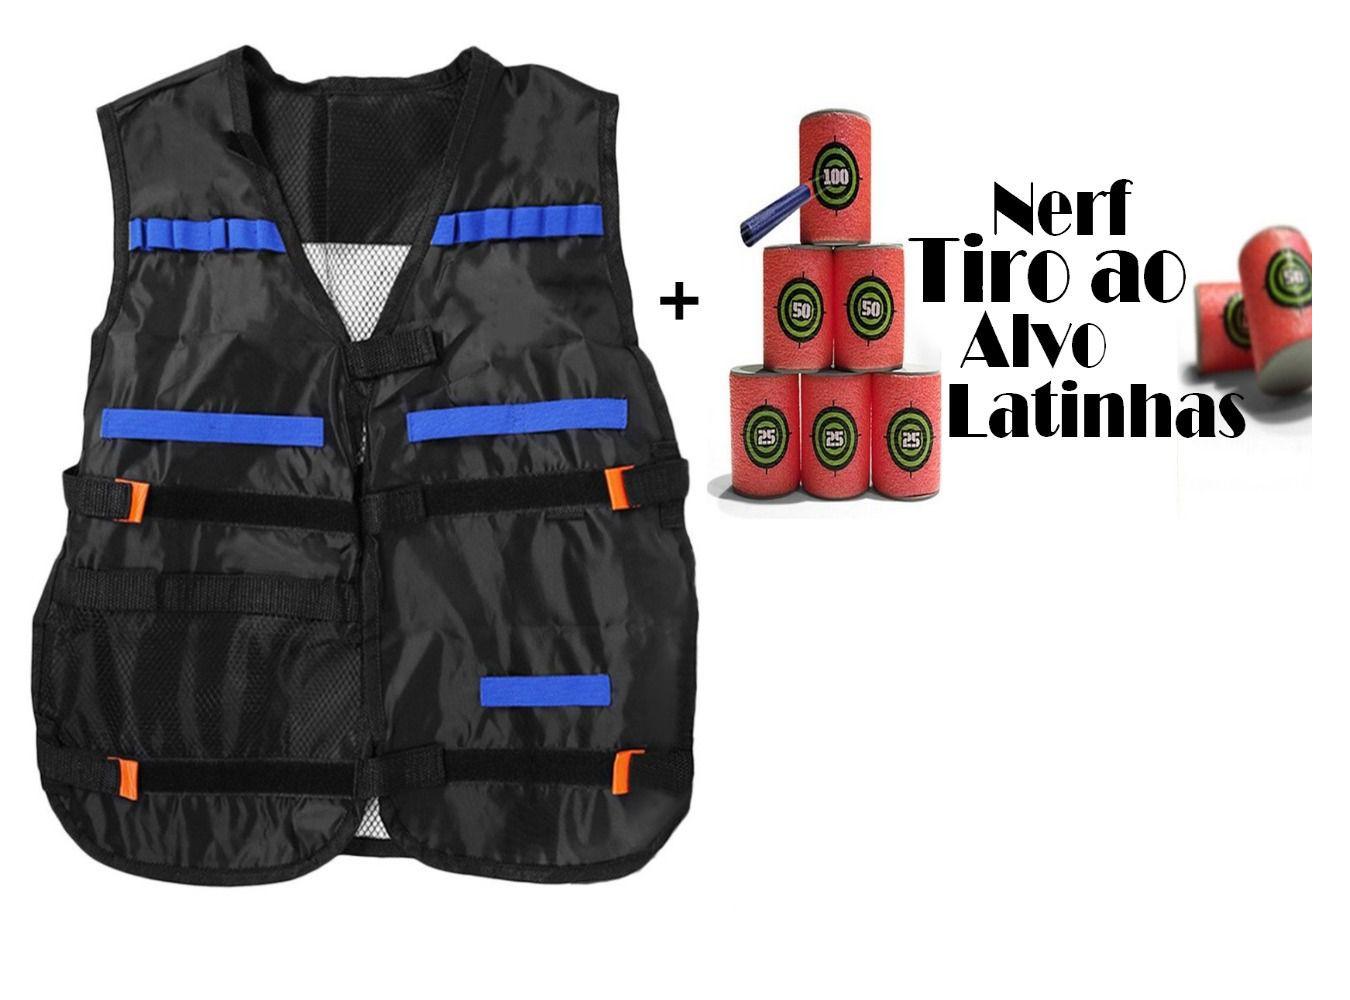 Kit 1 Colete Tatical + 1 Nerf Tiro ao Alvo 6 unidades